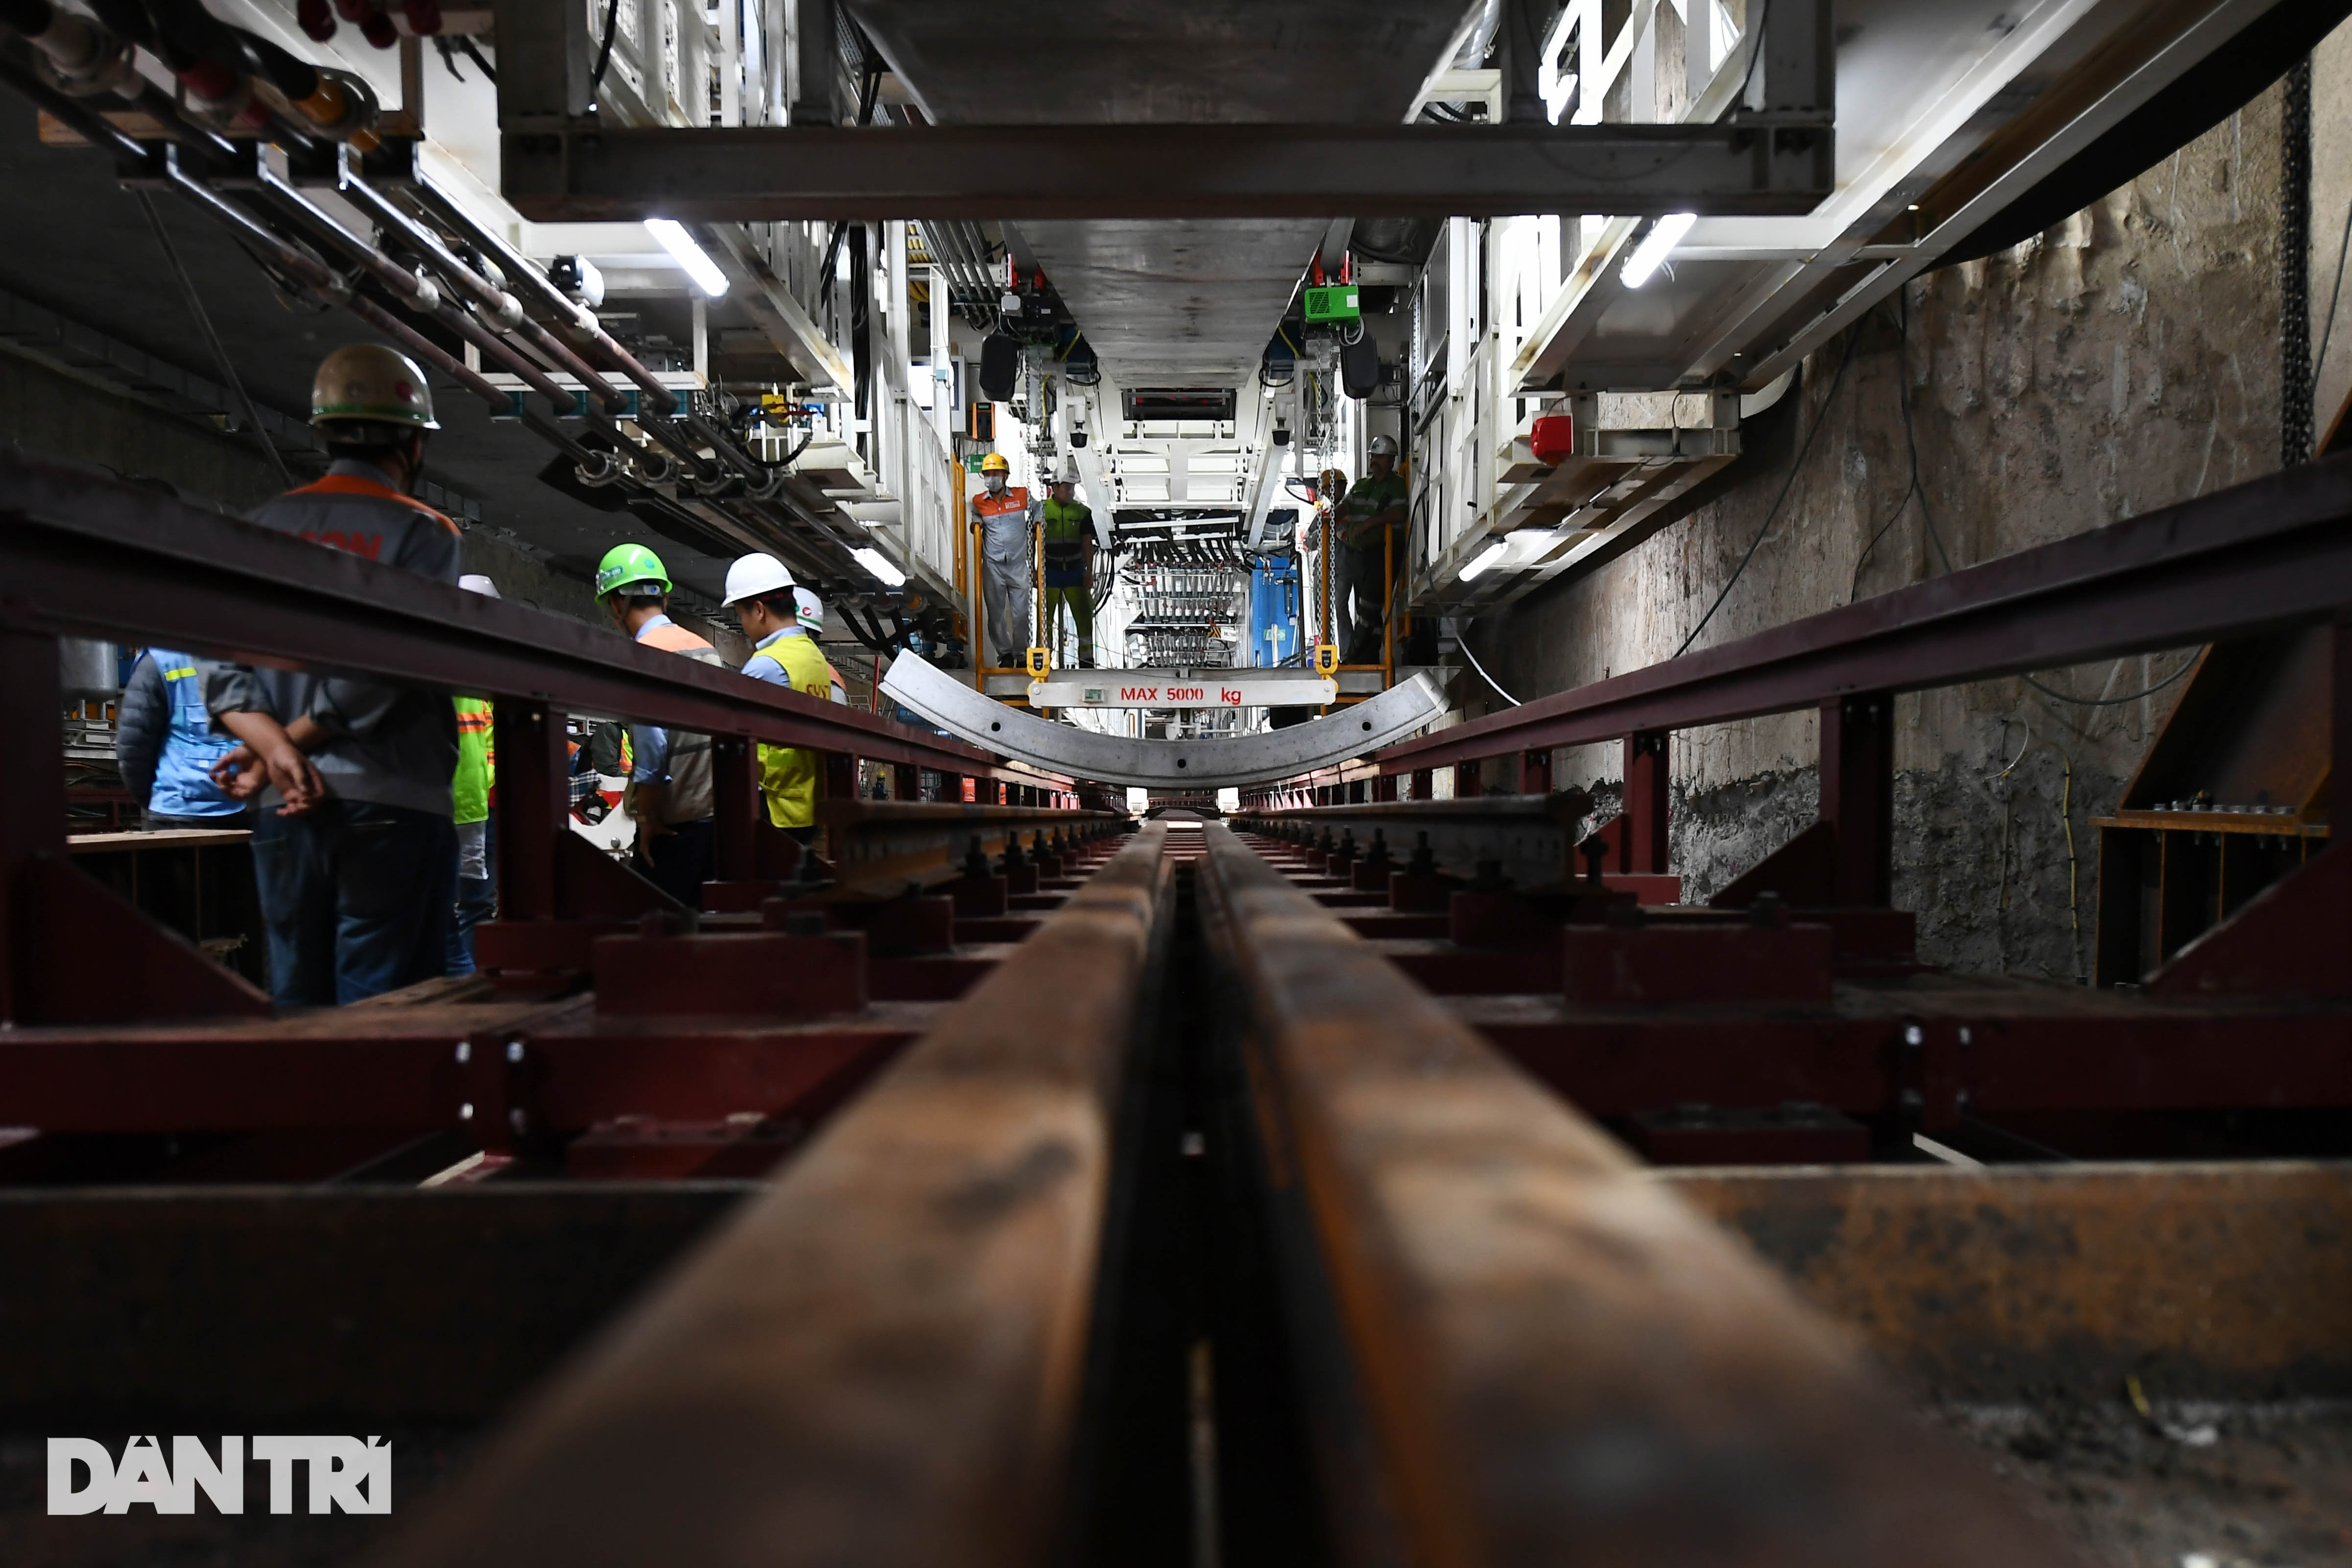 Quái vật 850 tấn đào hầm đường sắt Nhổn - ga Hà Nội lần đầu chạy thử - 5